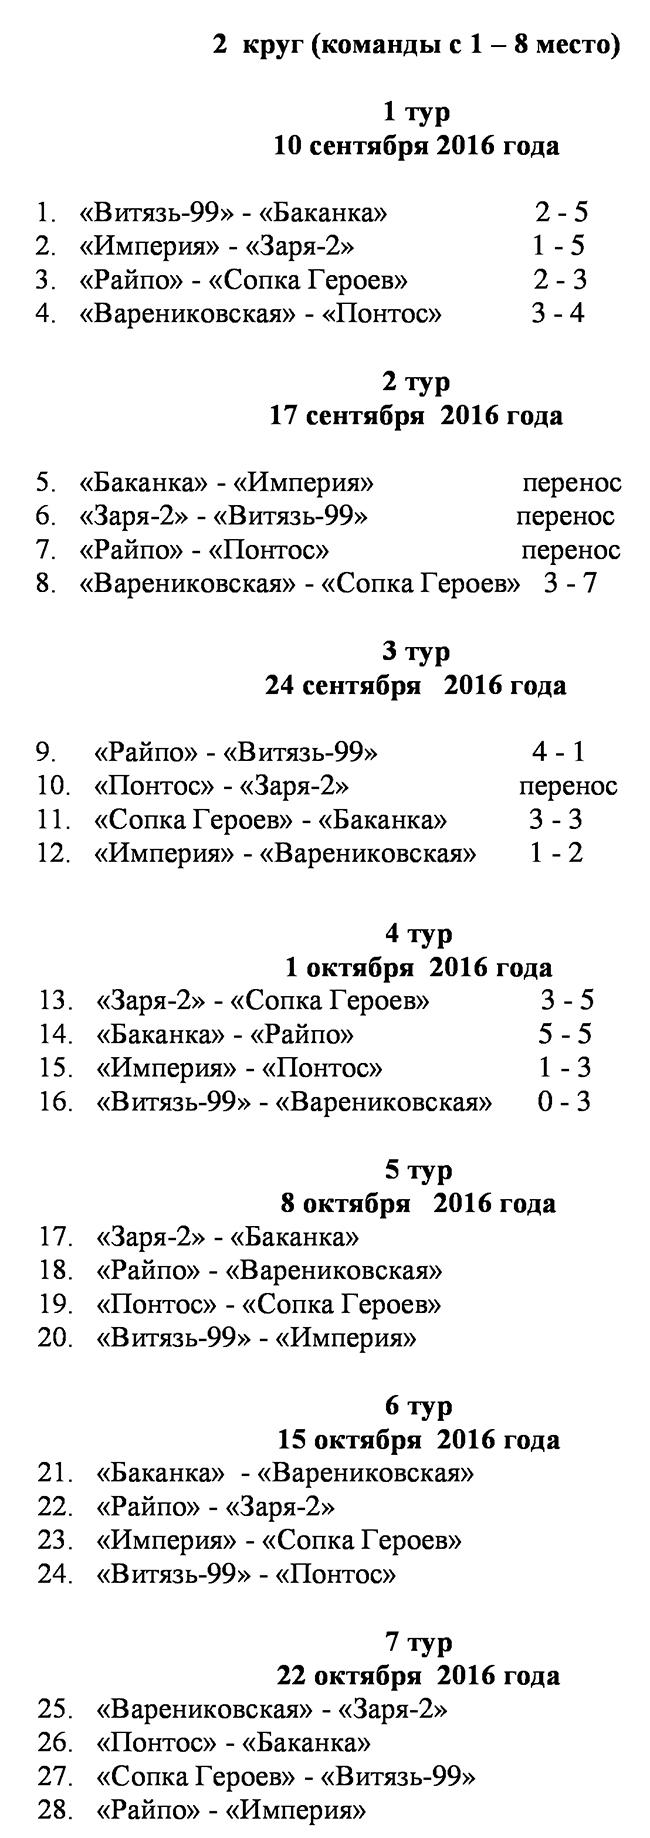 1-7 тур (1-8 место).jpg